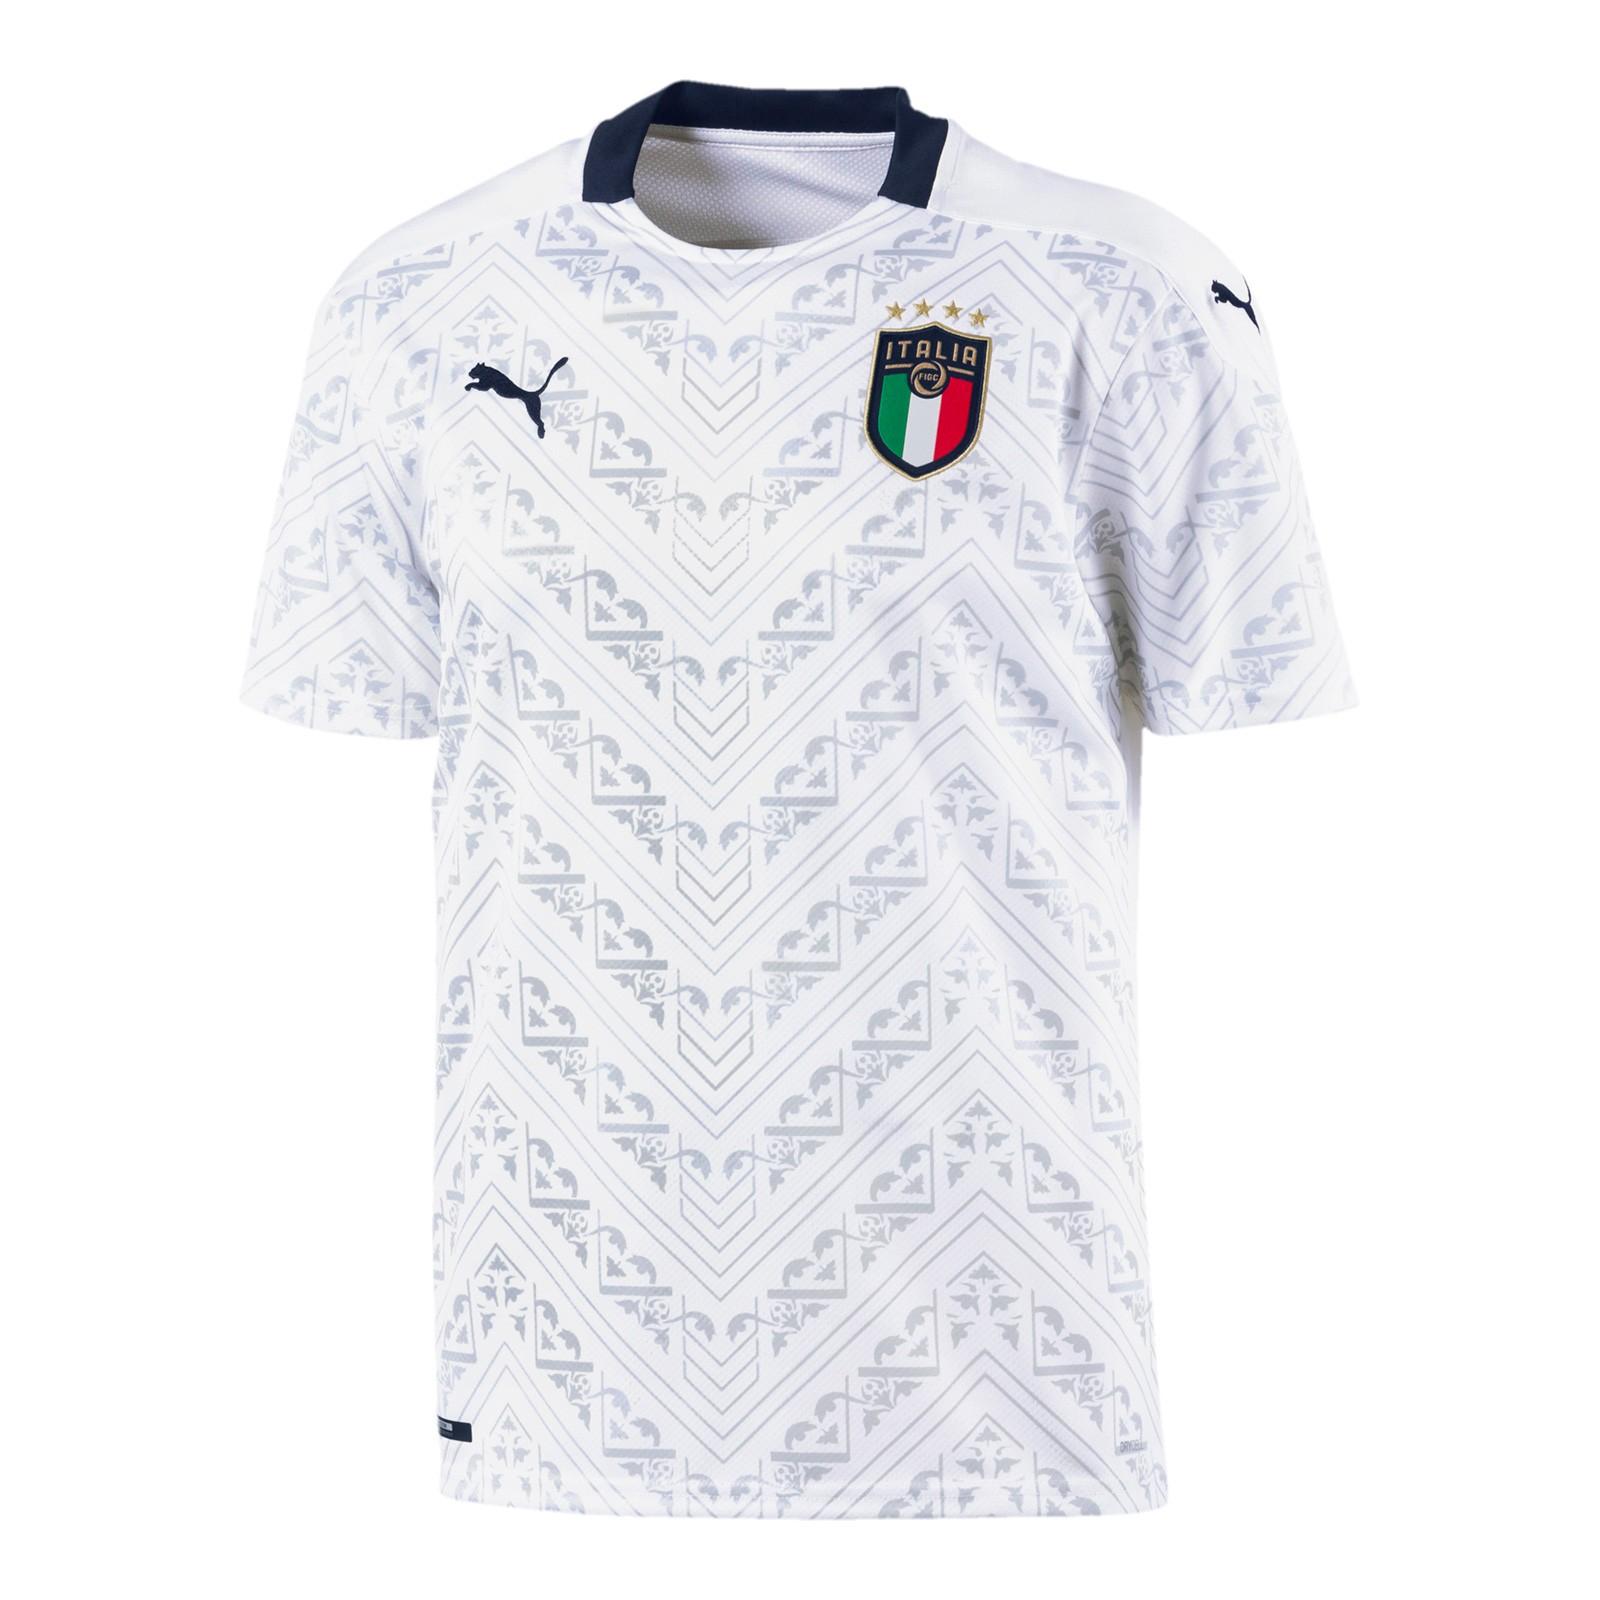 意大利国家队2020欧洲杯球迷版客场球衣